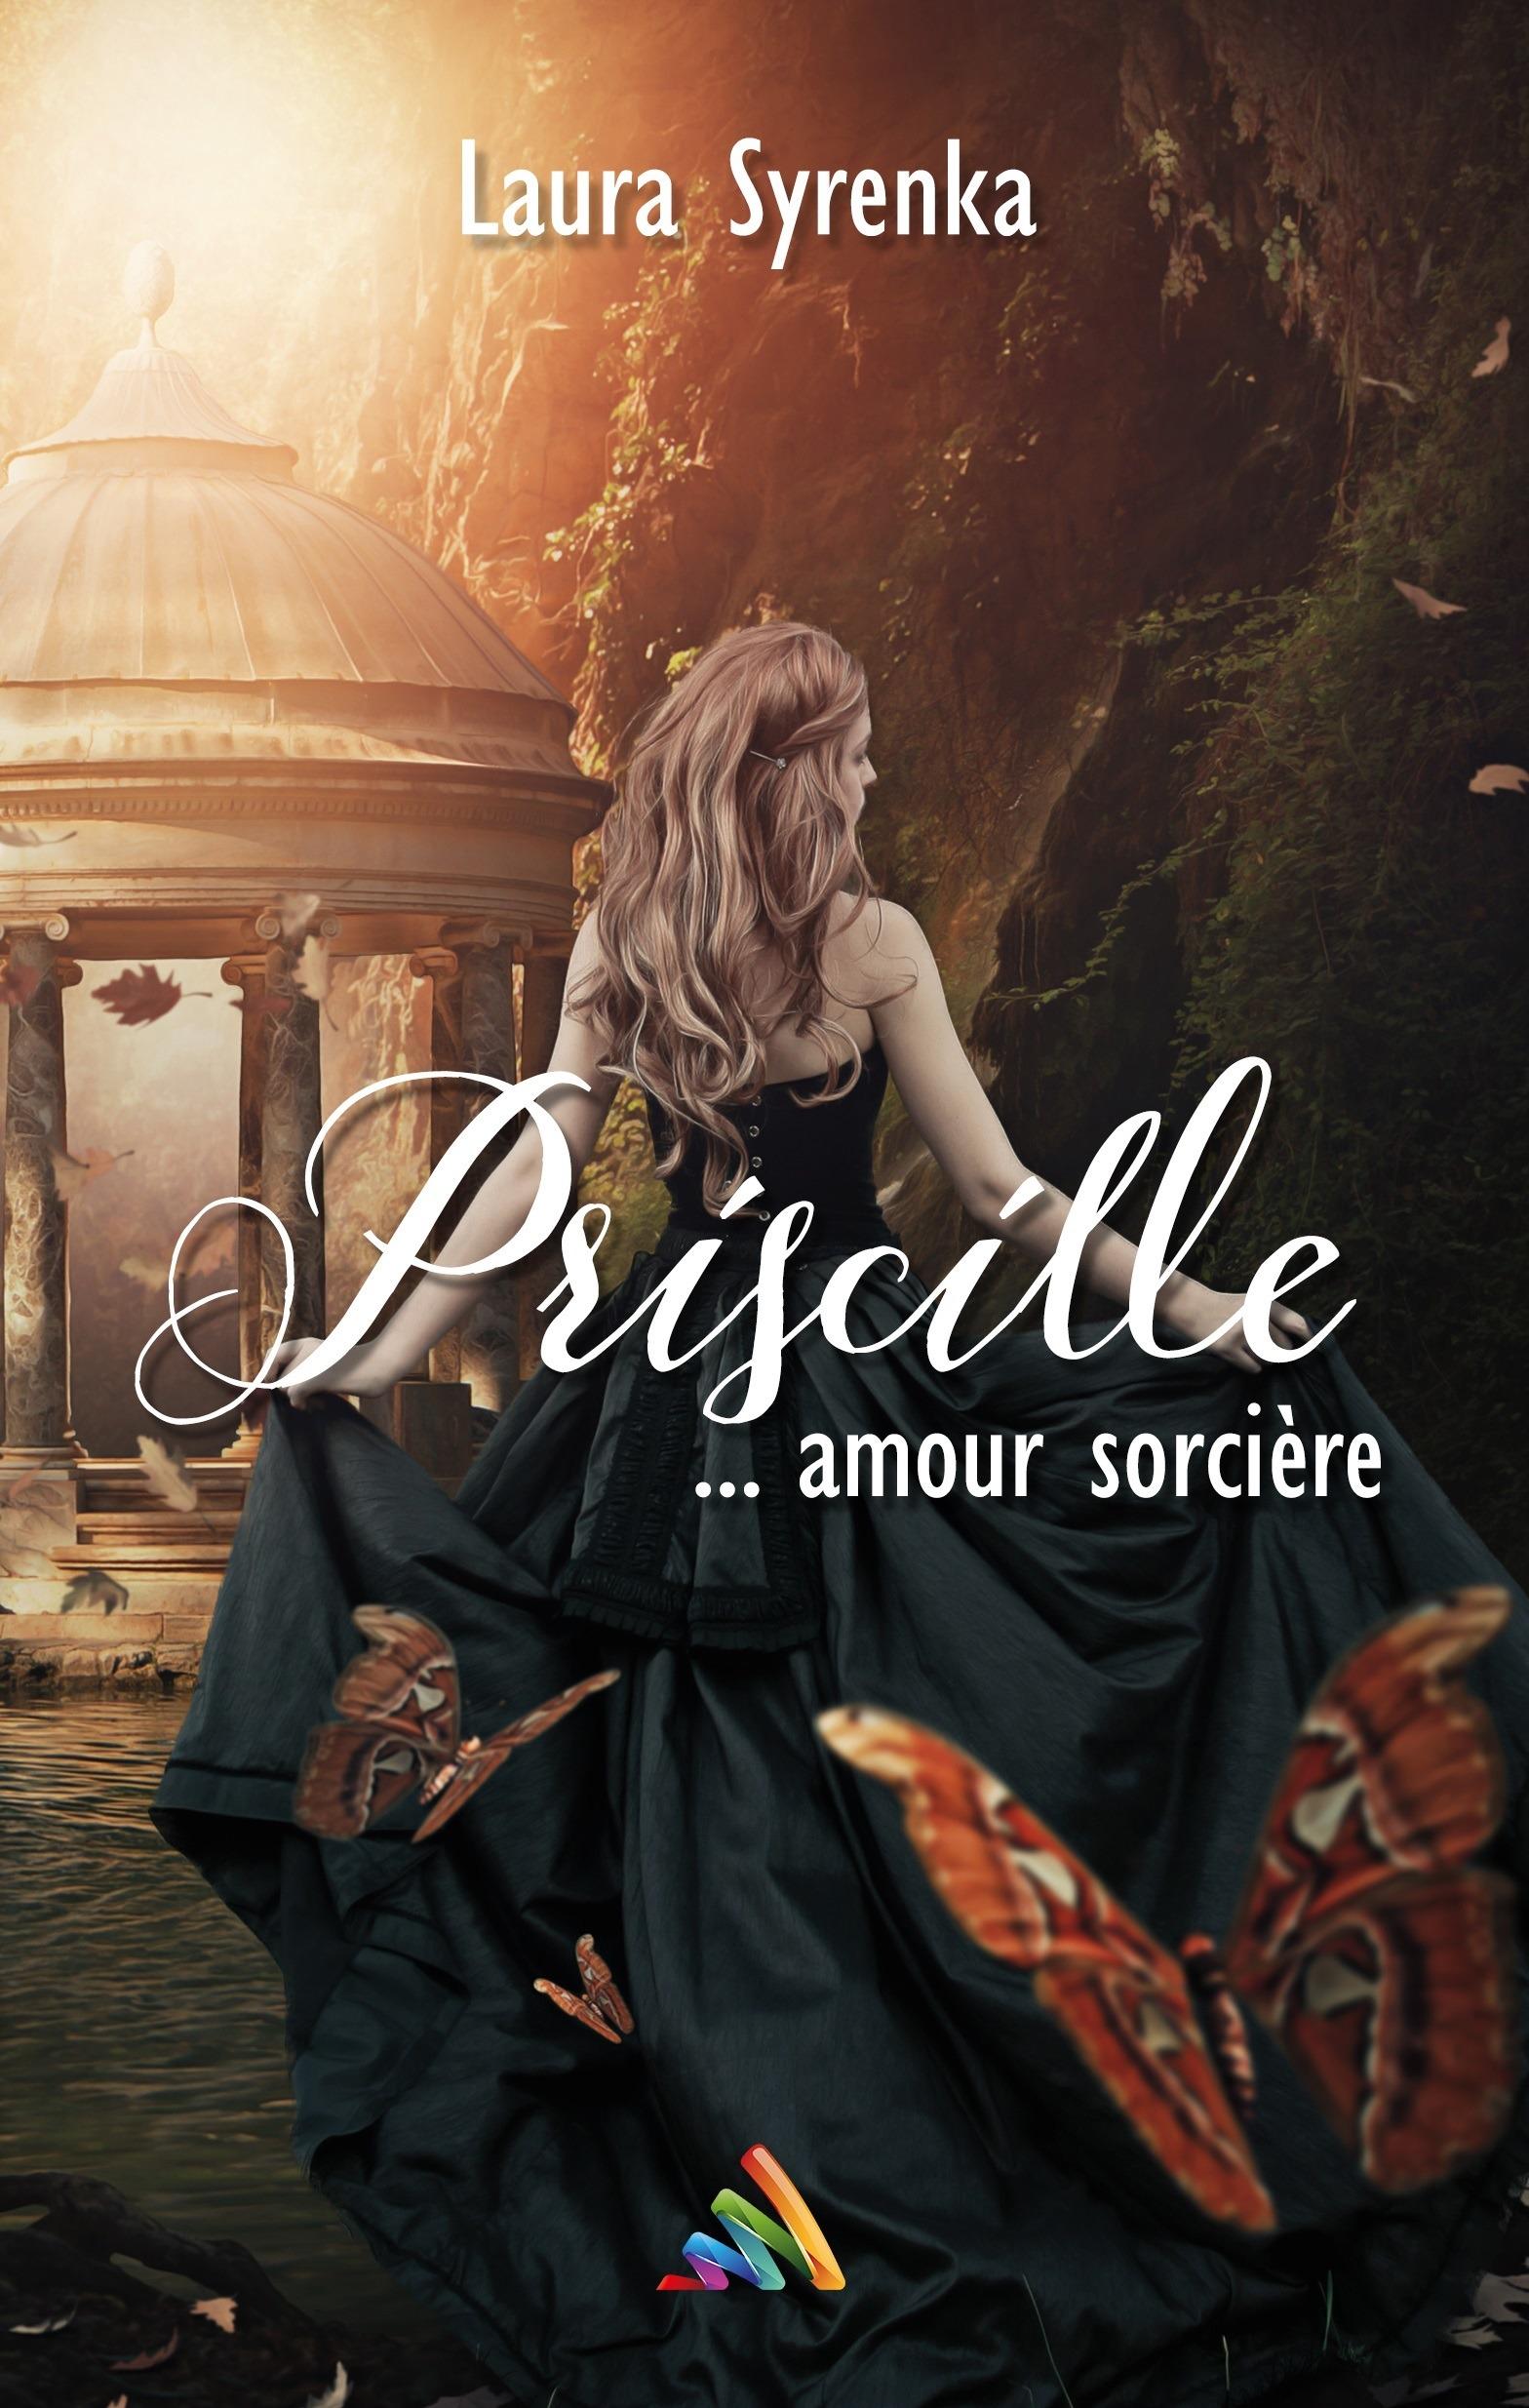 Priscille ... amour sorcière   Livre lesbien, roman lesbien